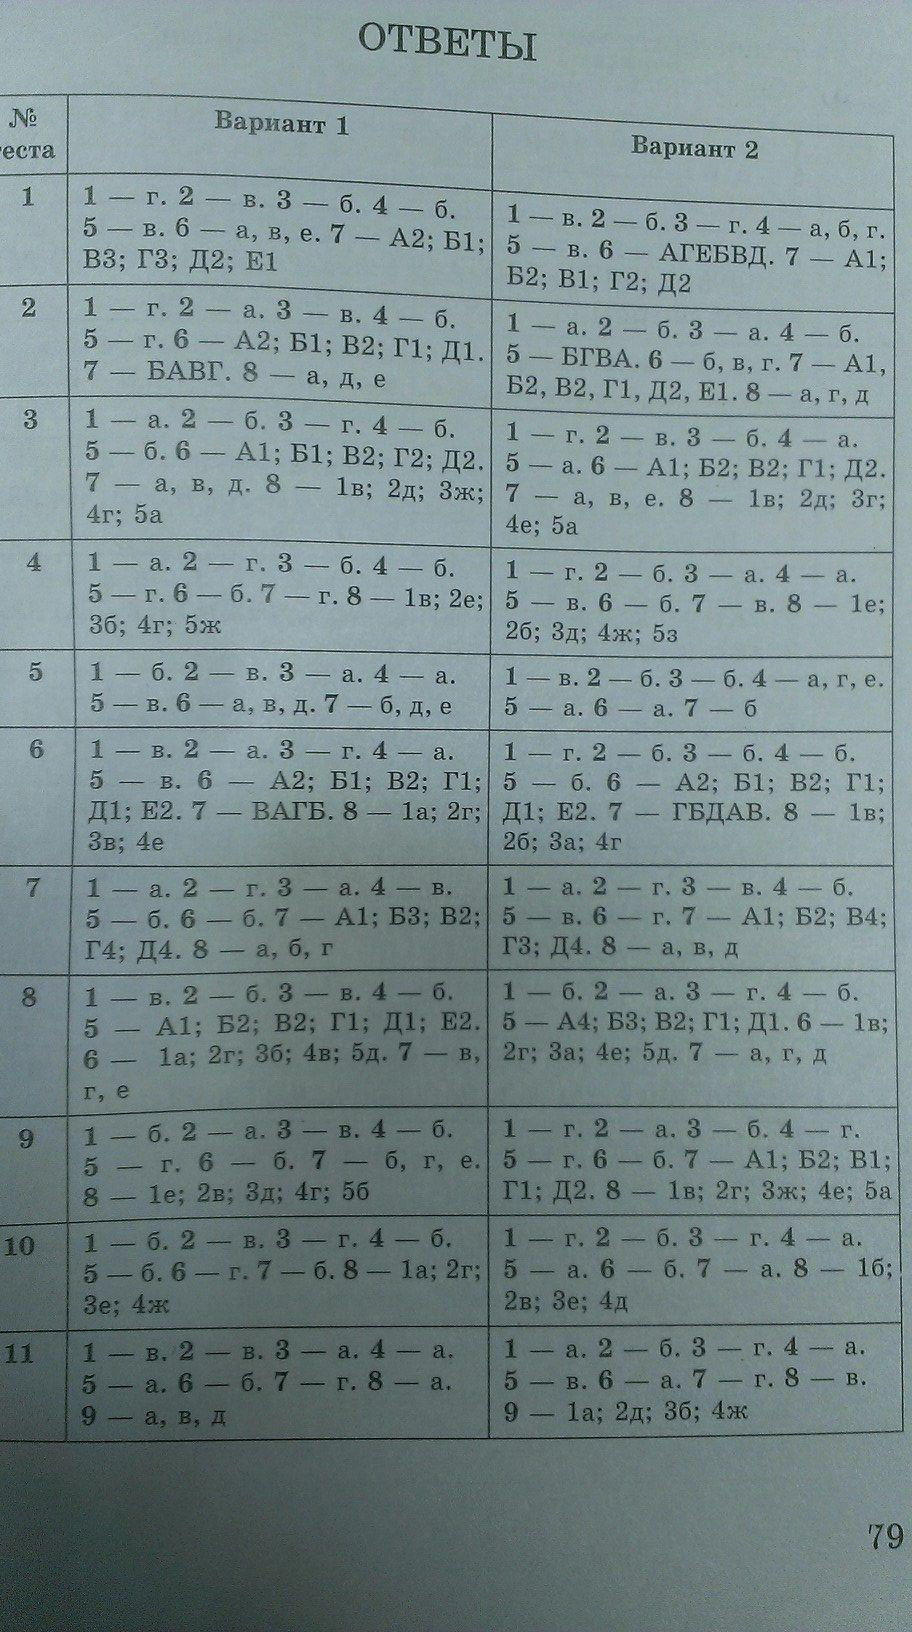 ответы на тесты по обществознанию 8 класс